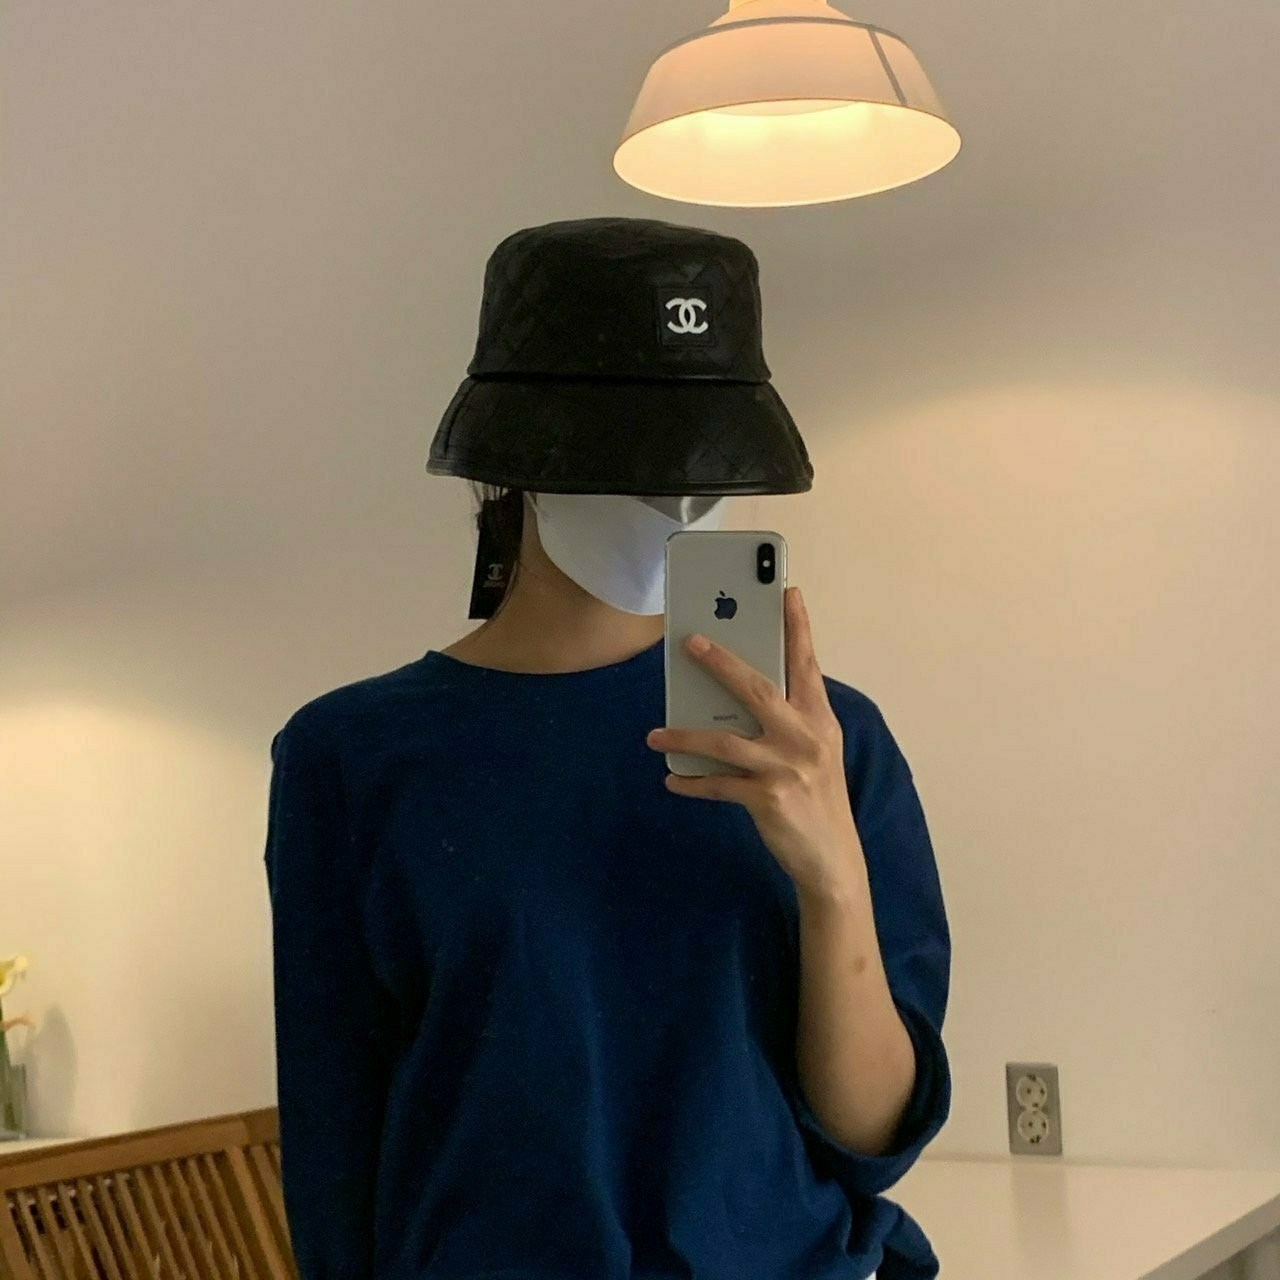 마리아몰 [샤넬] 명품 모자 가죽버킷햇